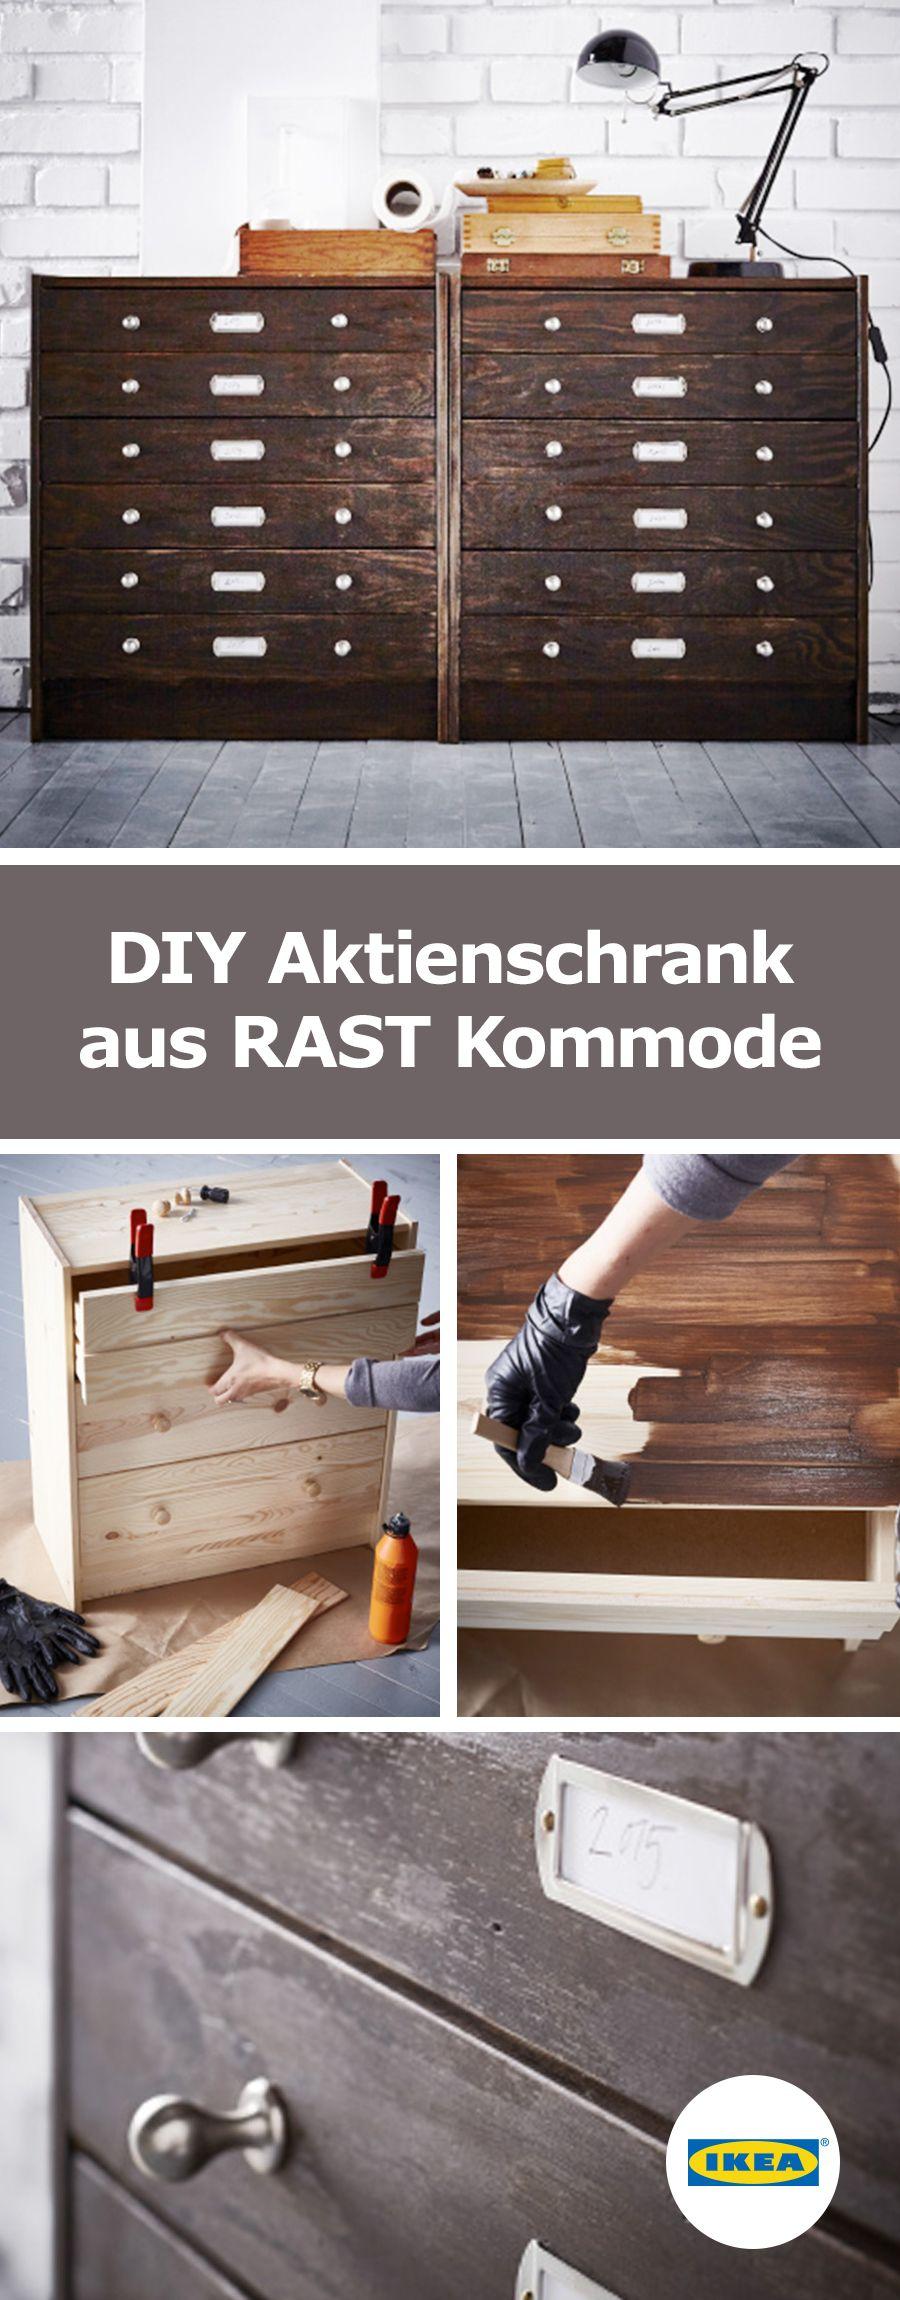 ikea deutschland diy aktienschrank aus rast kommode. Black Bedroom Furniture Sets. Home Design Ideas